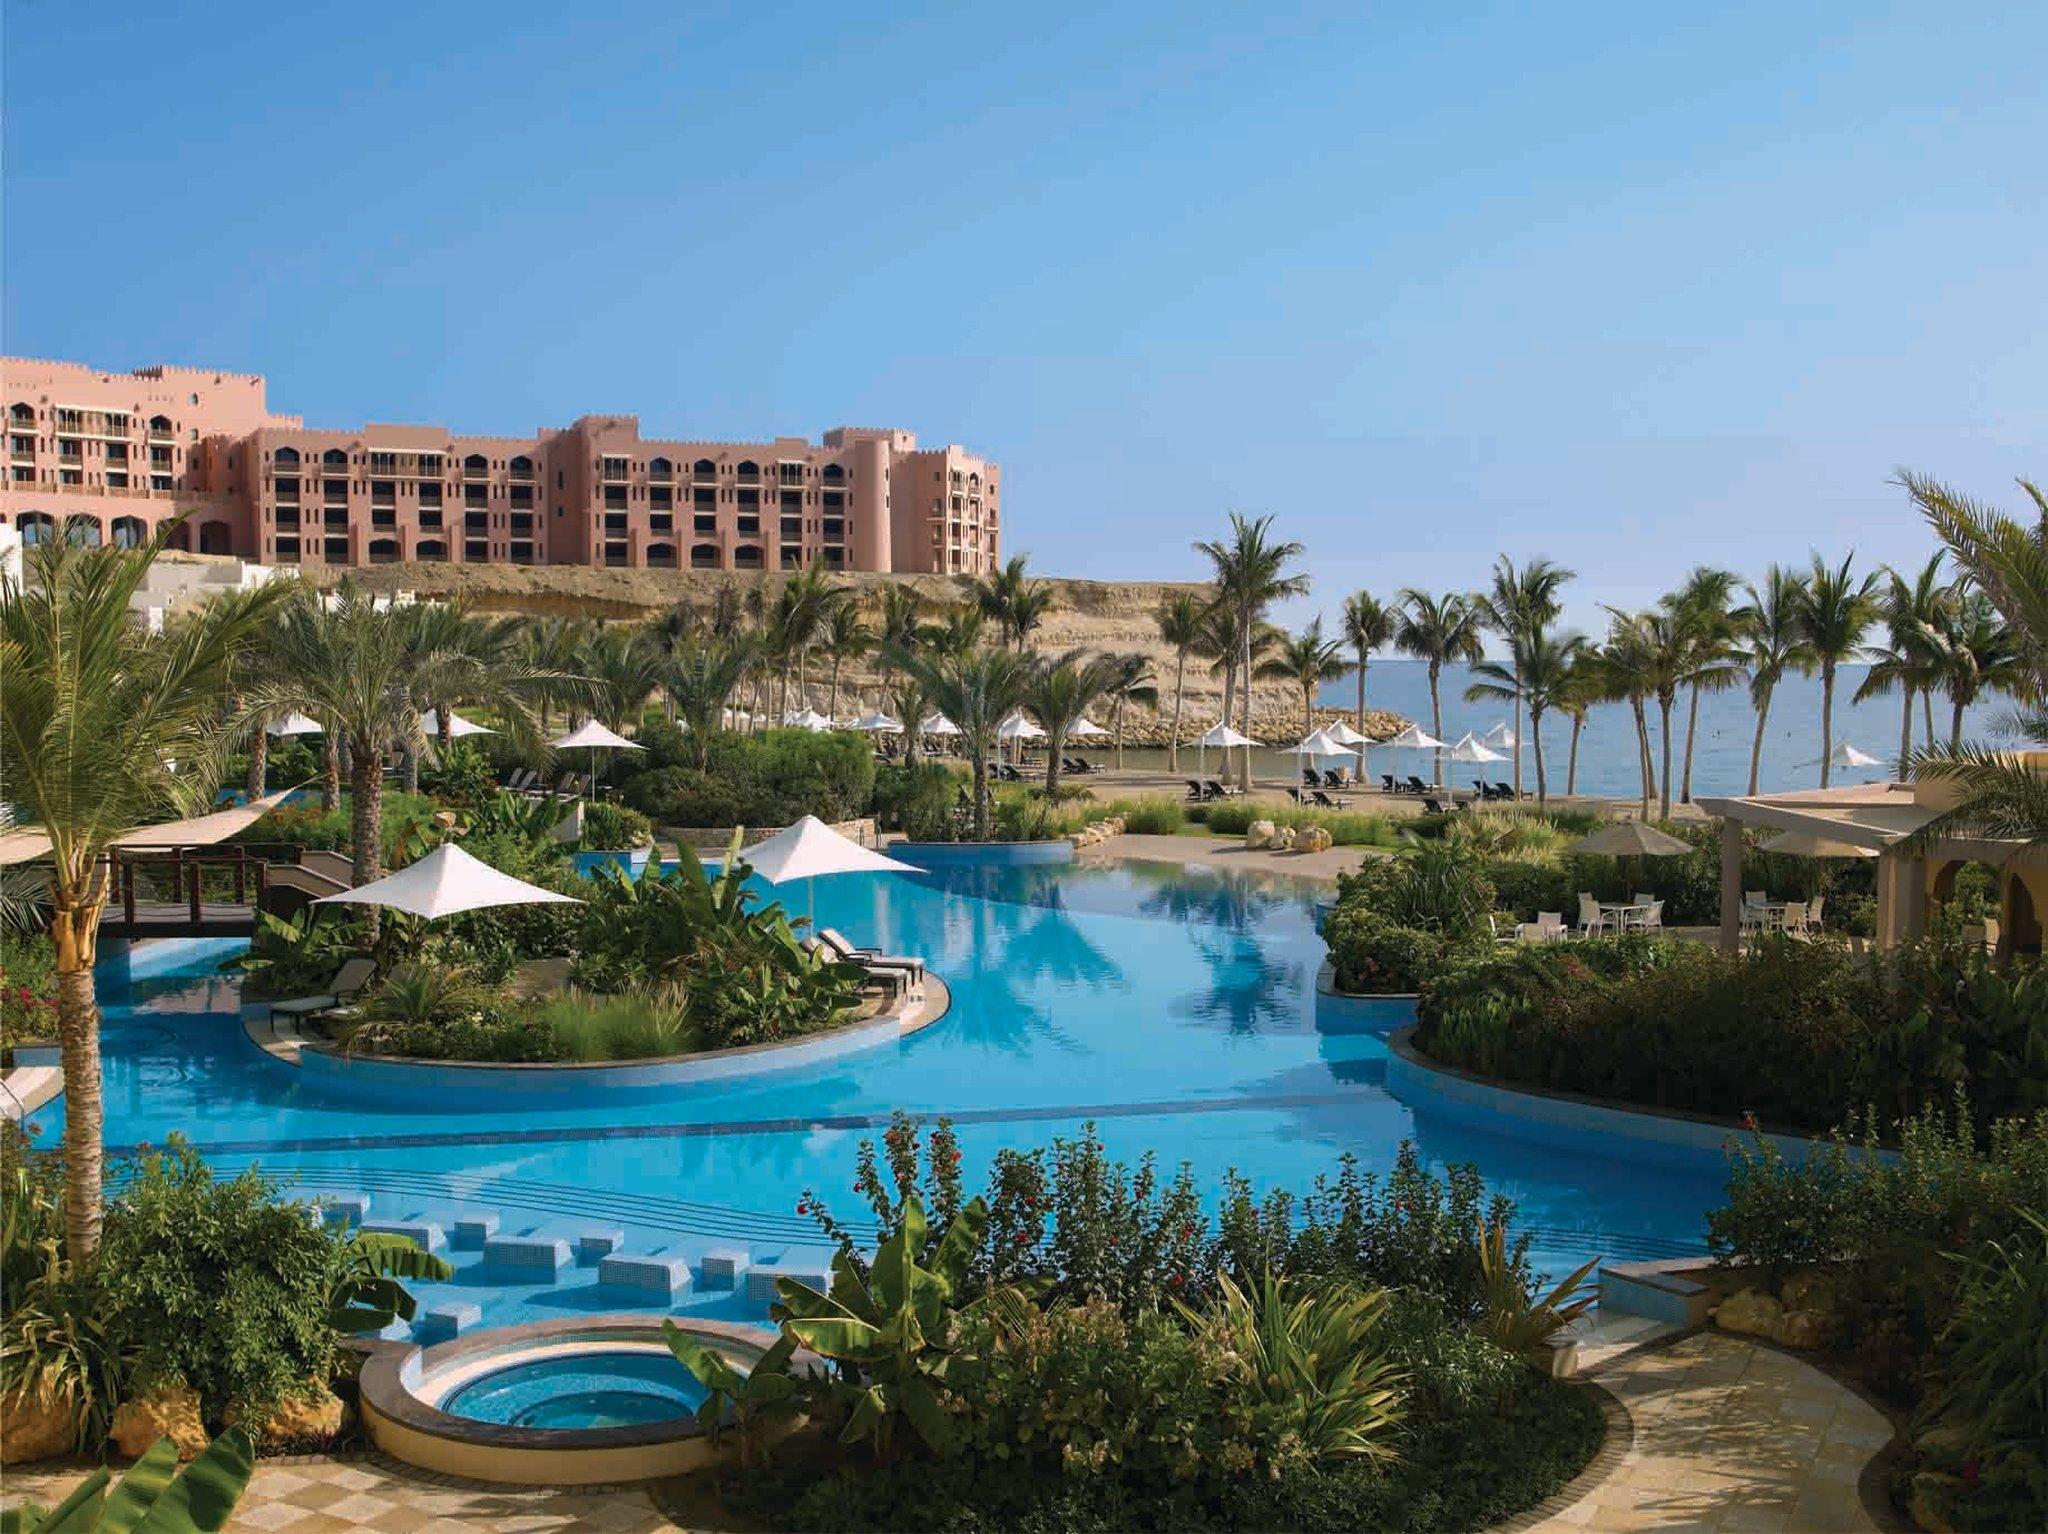 مناطق تفریحی عمان